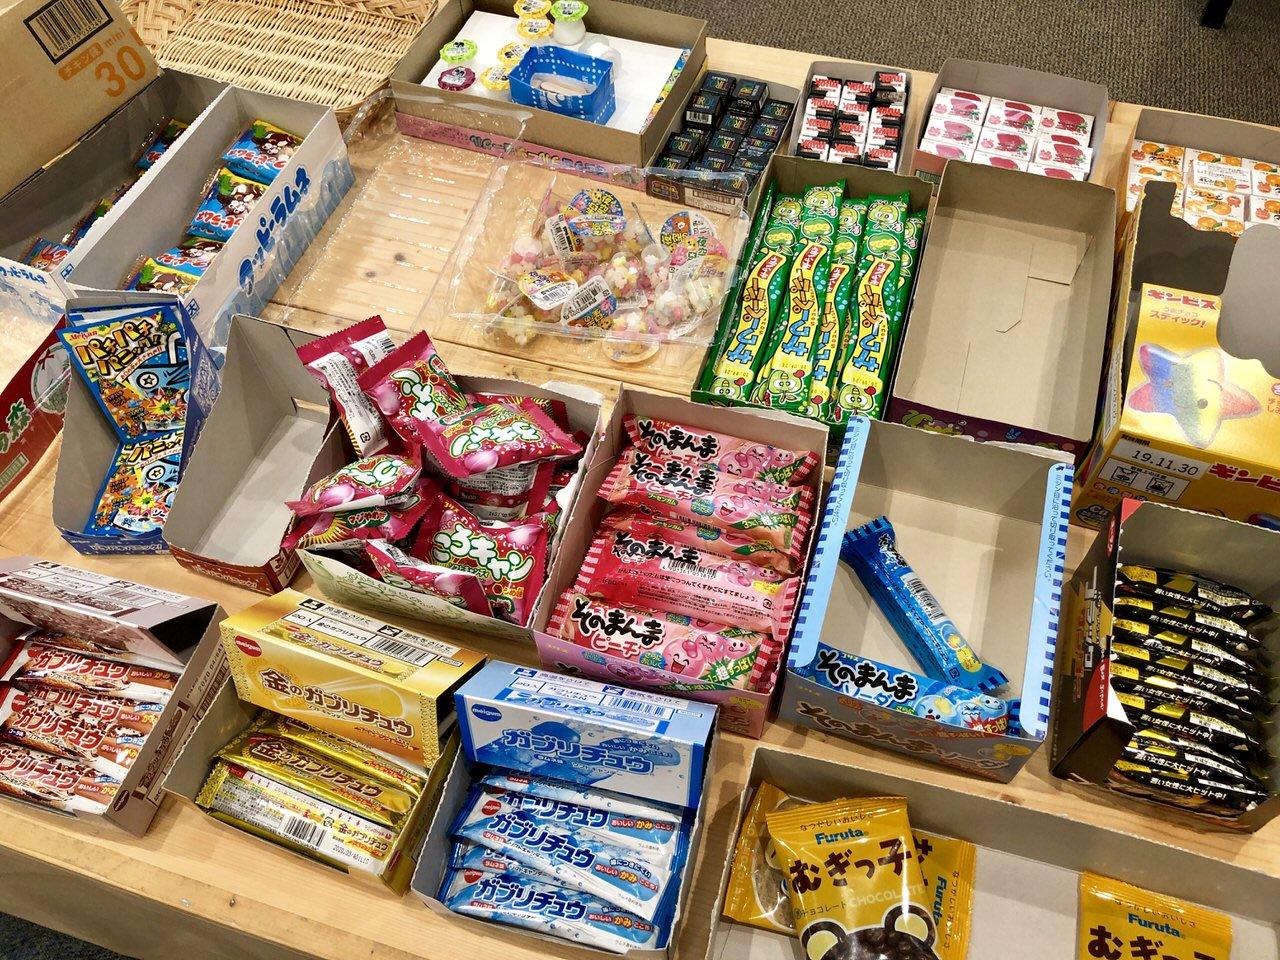 中津川のクアリゾートの駄菓子